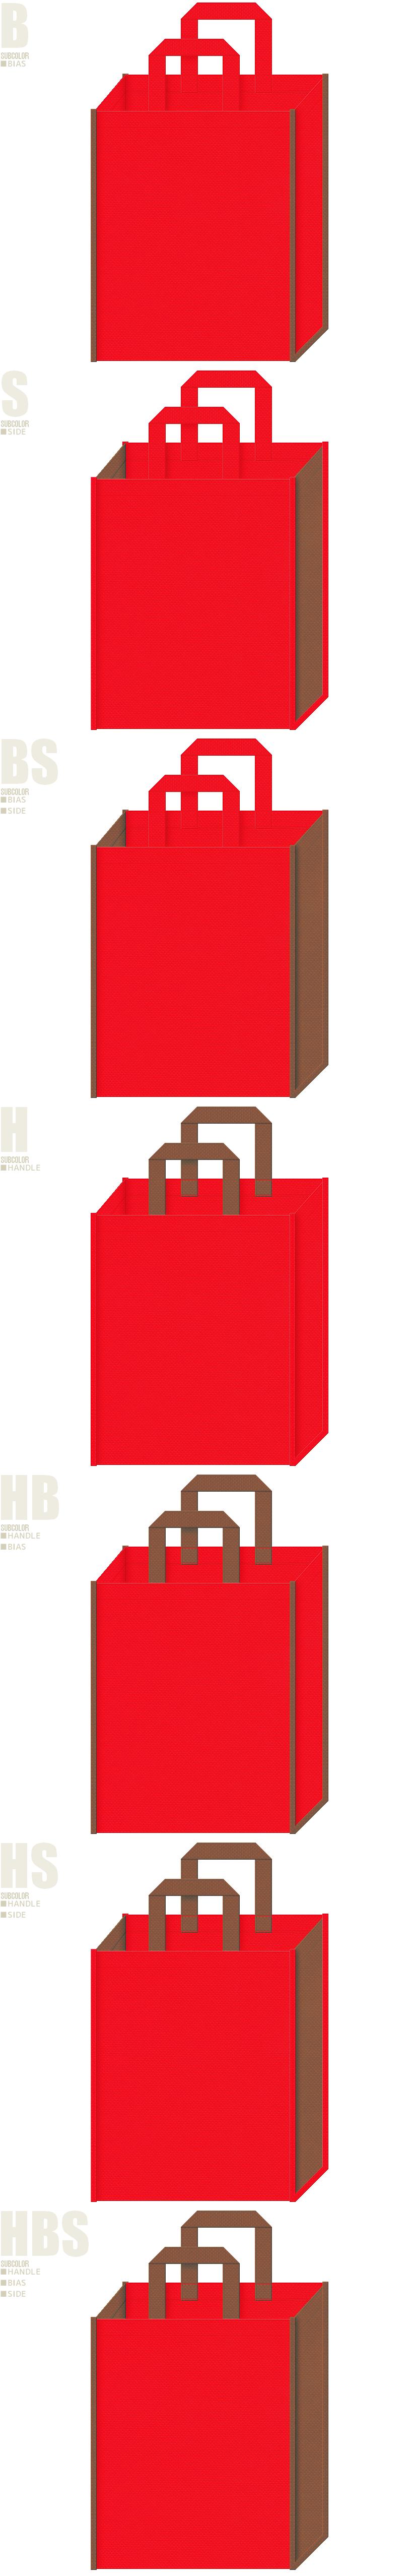 甘味処・野点傘・茶会・お祭り・凧揚げ・コマ・お正月・和風催事・暖炉・ストーブ・暖房器具・絵本・おとぎ話・トナカイ・クリスマスにお奨めの不織布バッグデザイン:赤色と茶色の配色7パターン